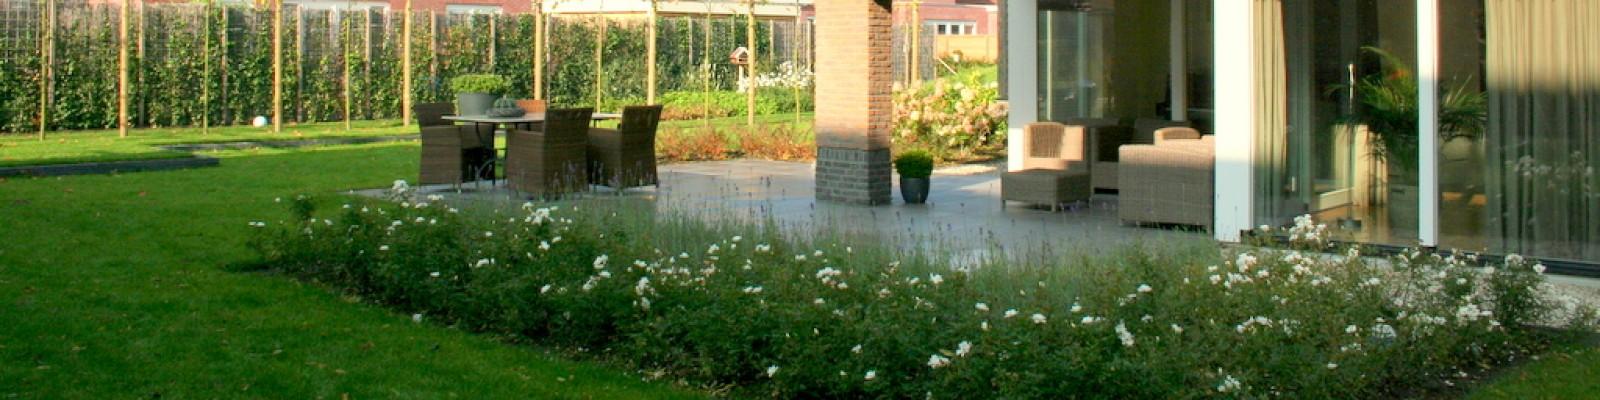 Inspiratie voor uw nieuwe tuin tuinontwerp groningen for Tuinarchitect modern strak